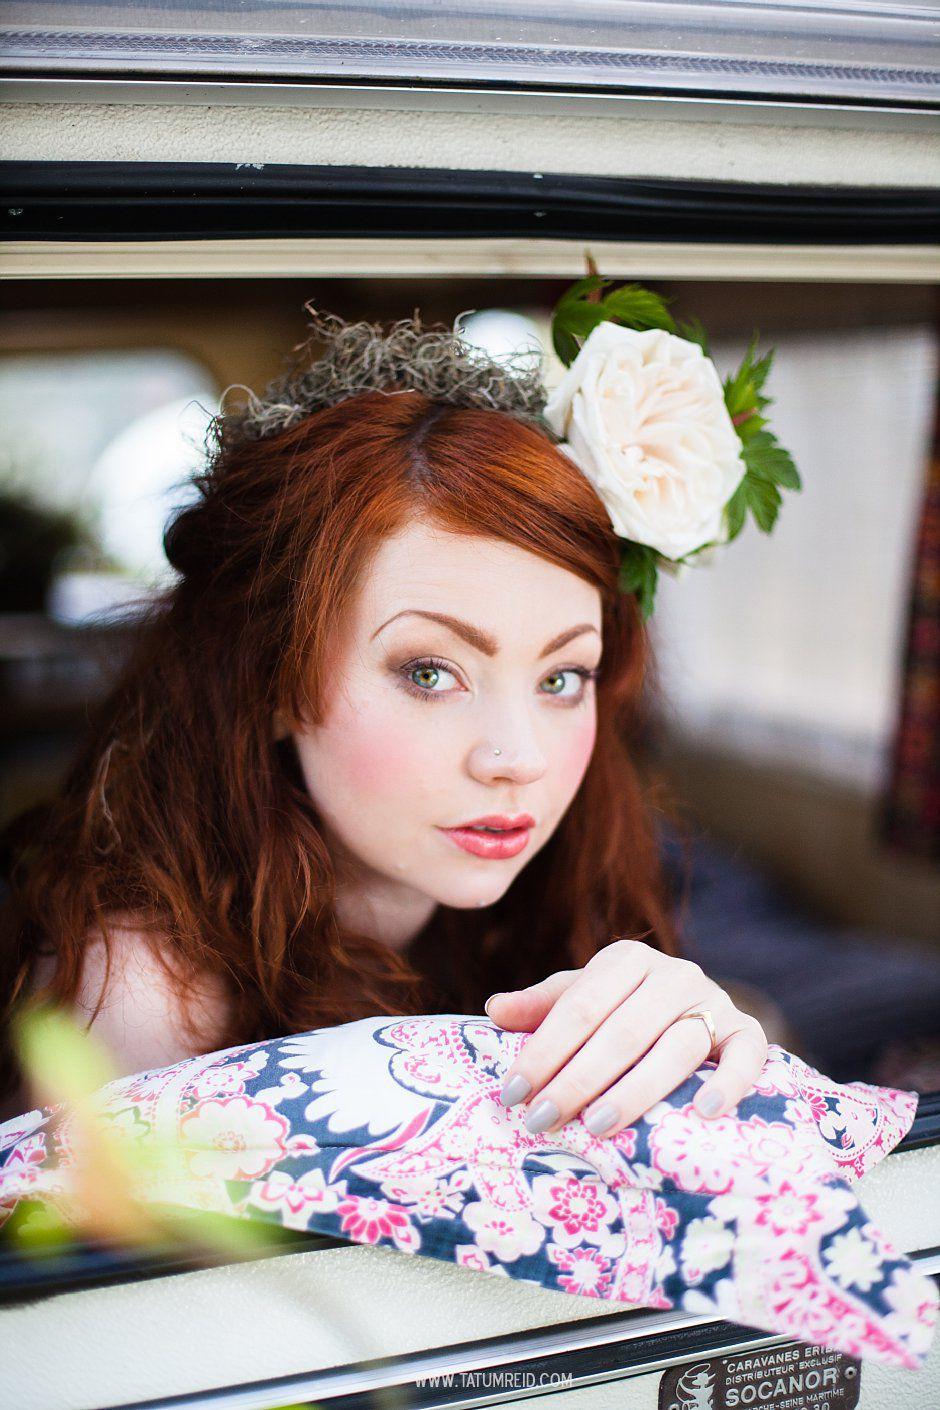 Bohemian bride, boho bride, floral headwear for brides, outdoor wedding, Norfolk, Norwich, Tatum Reid (9)